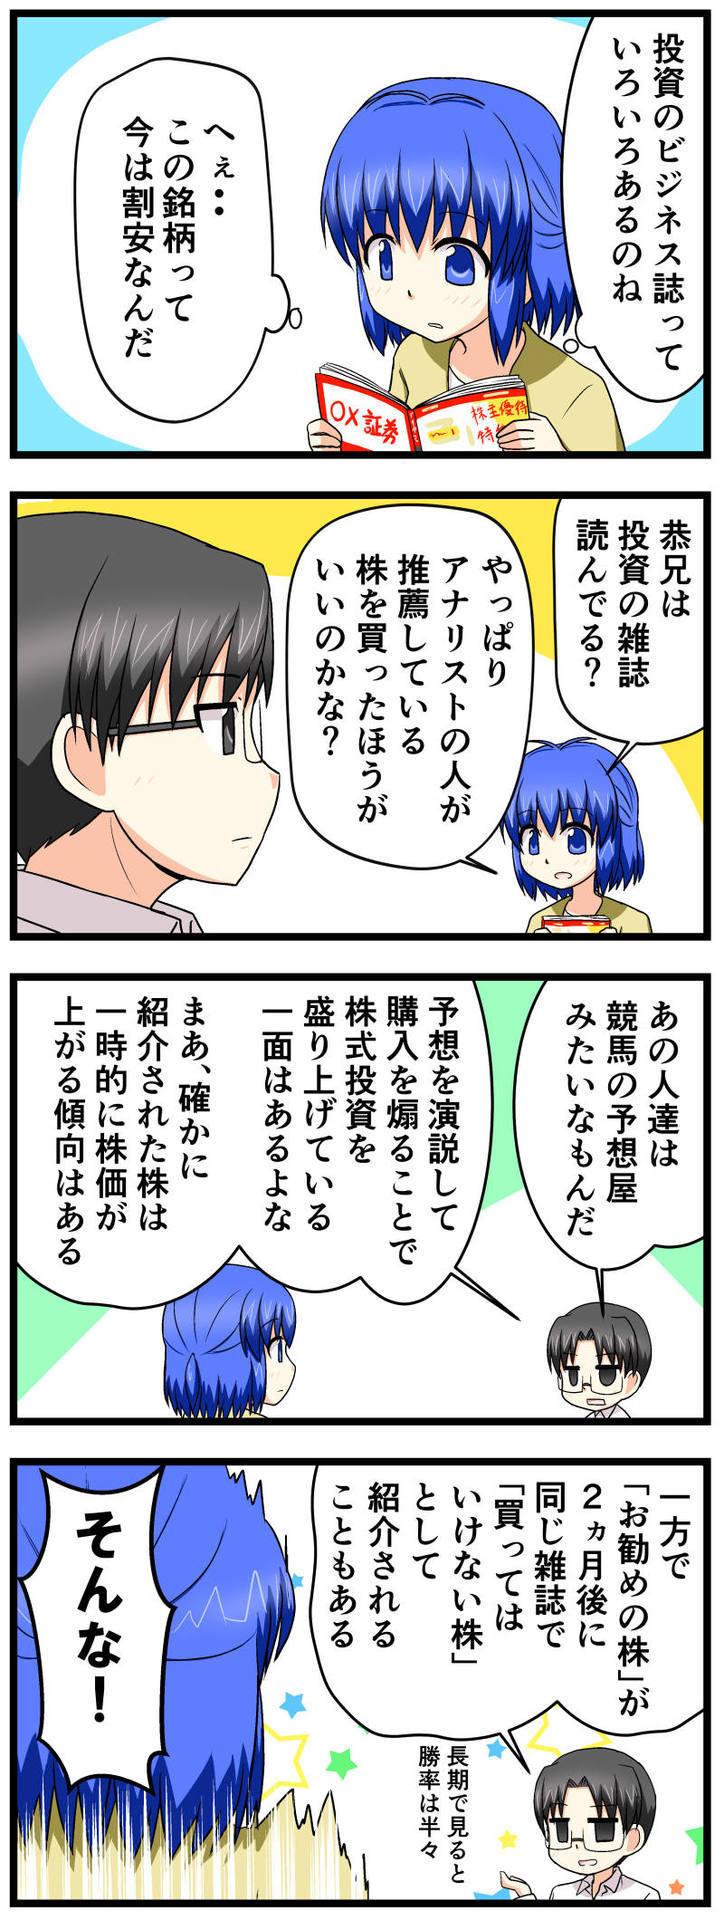 萌える株セミナー39.jpg